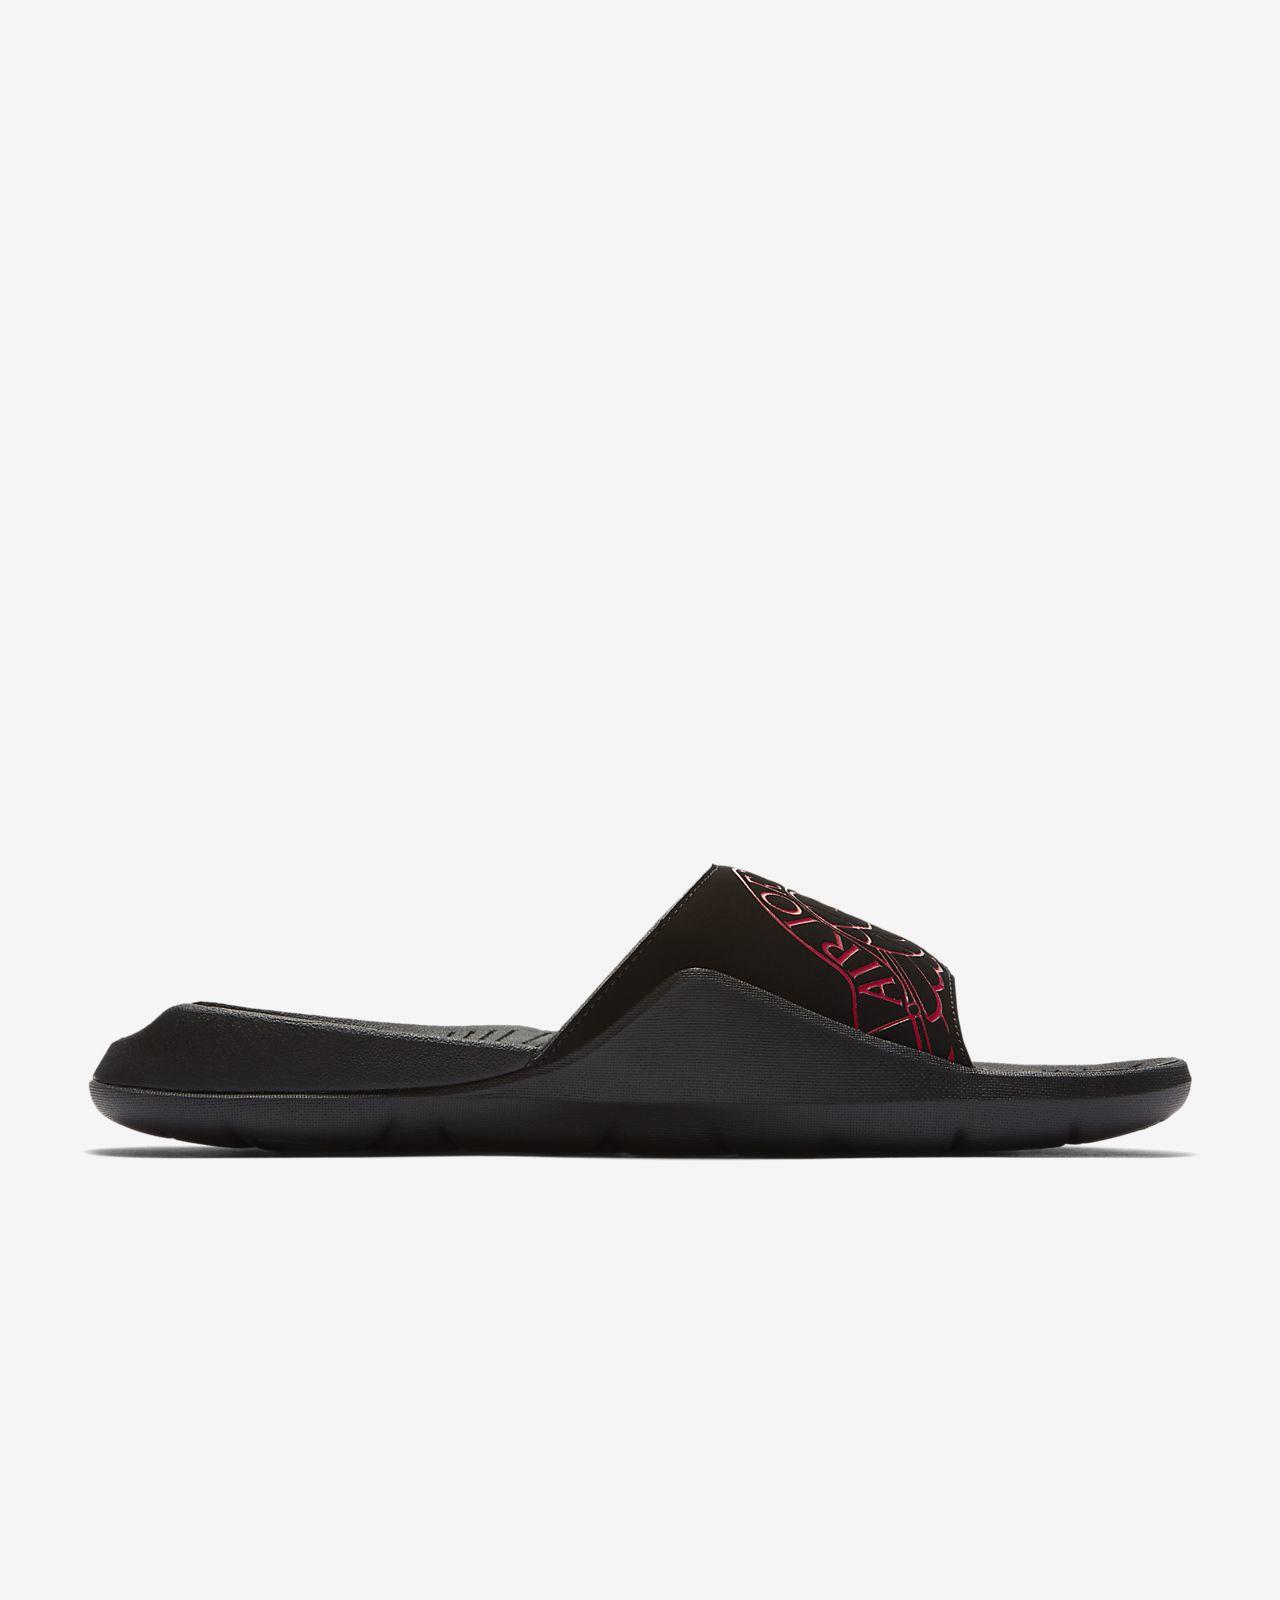 4d2e364140921 Jordan Hydro 7 Men s Slide. Nike.com